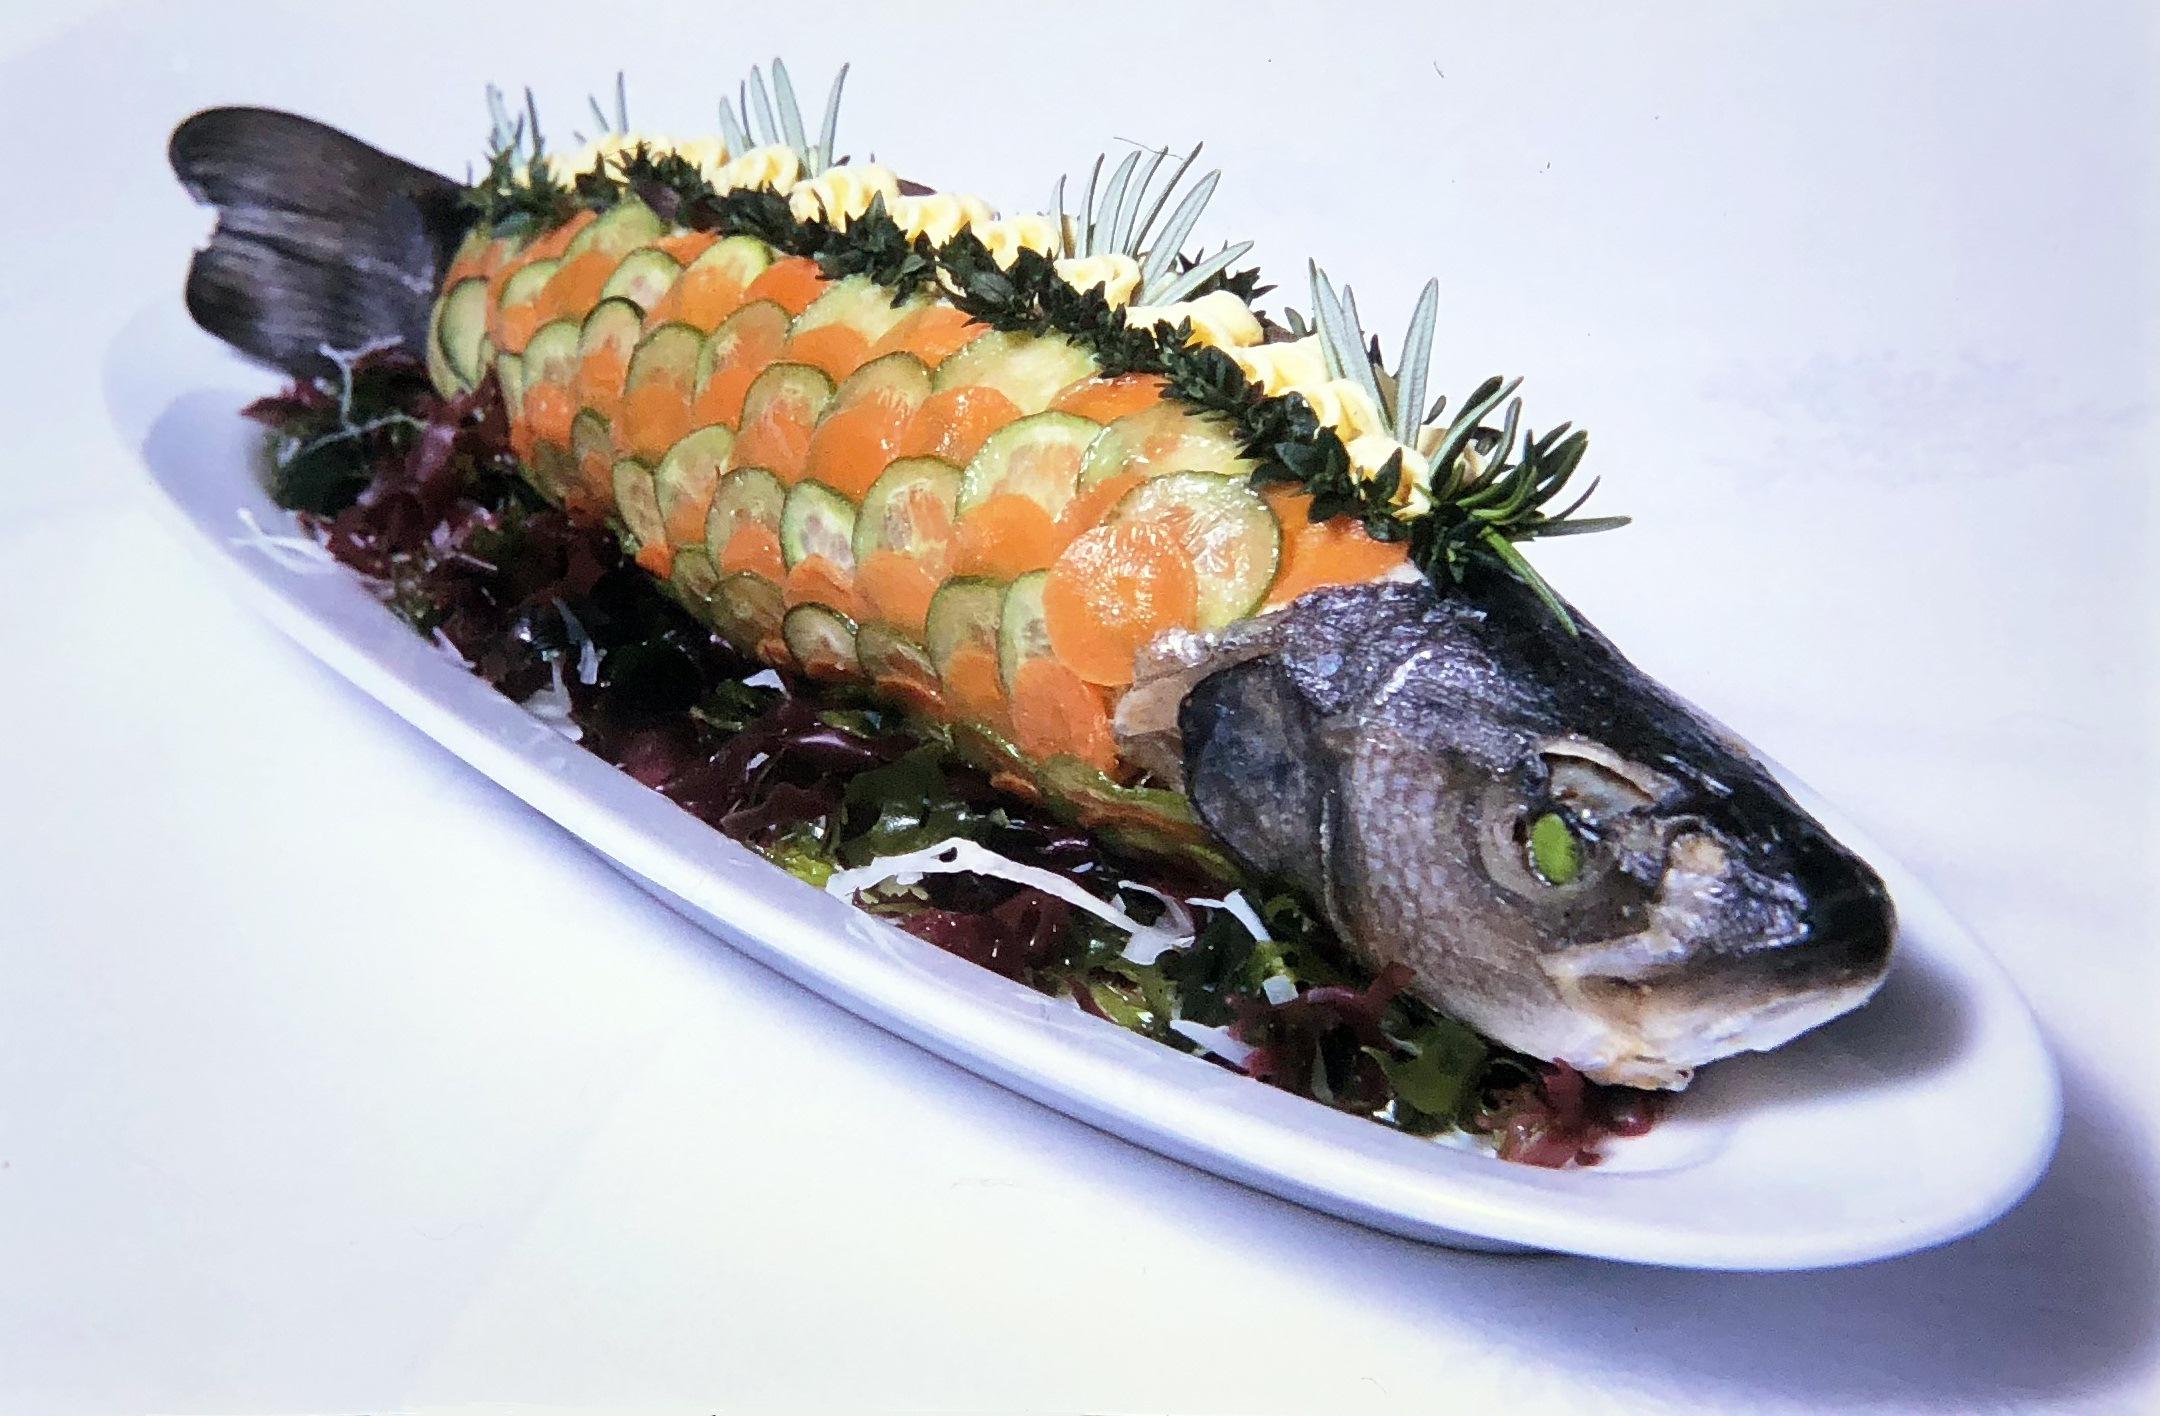 Ekose etekli levrek balığı, seçimlerde iktidar partisine hayli oy kaybettirmişti.